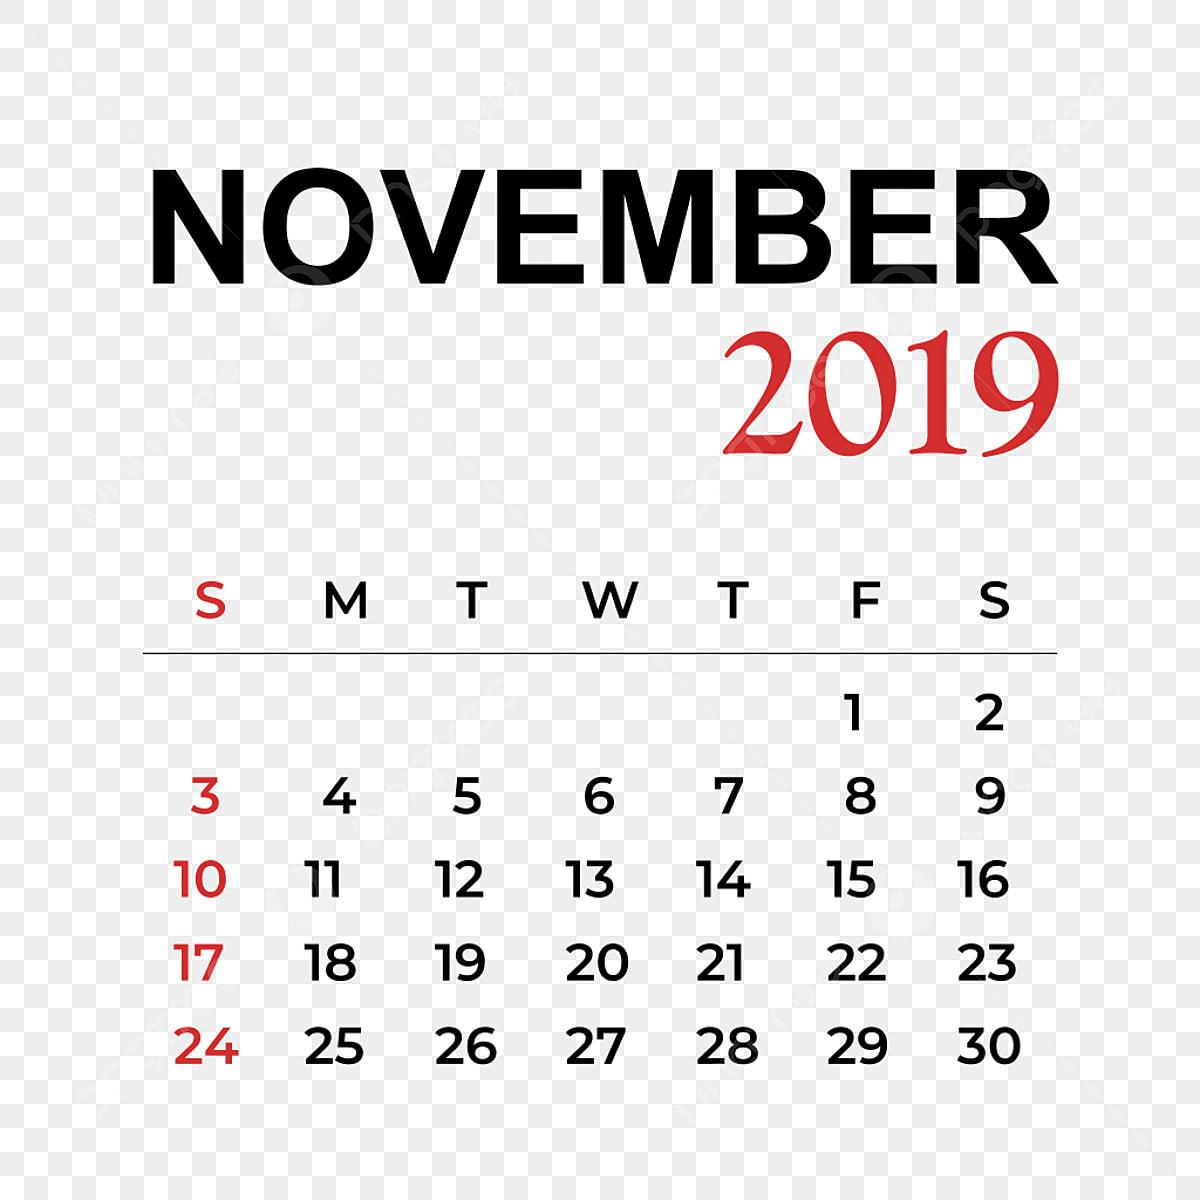 Calendario Noviembre 2019.Calendario Mes De Noviembre 2019 Calendario Vector Ano Png Y